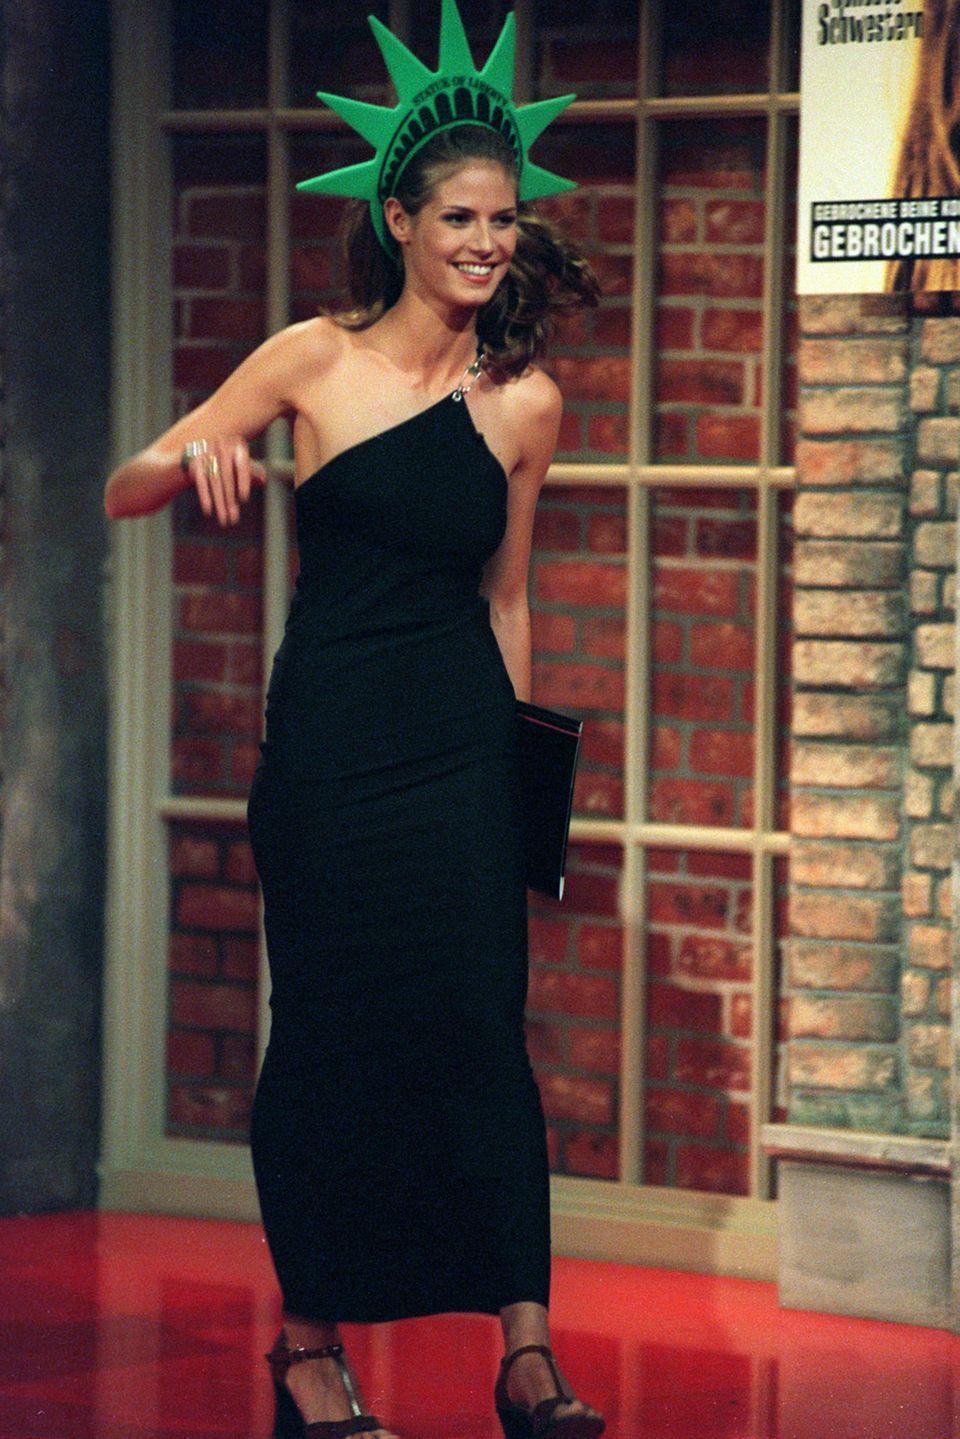 1997  Heidi goes USA: In der Show von Harald Schmidt tritt Heidi Klum als Freiheitsstatue auf. Mittlerweile ist sie in Amerika nämlich auch schon ziemlich bekannt.